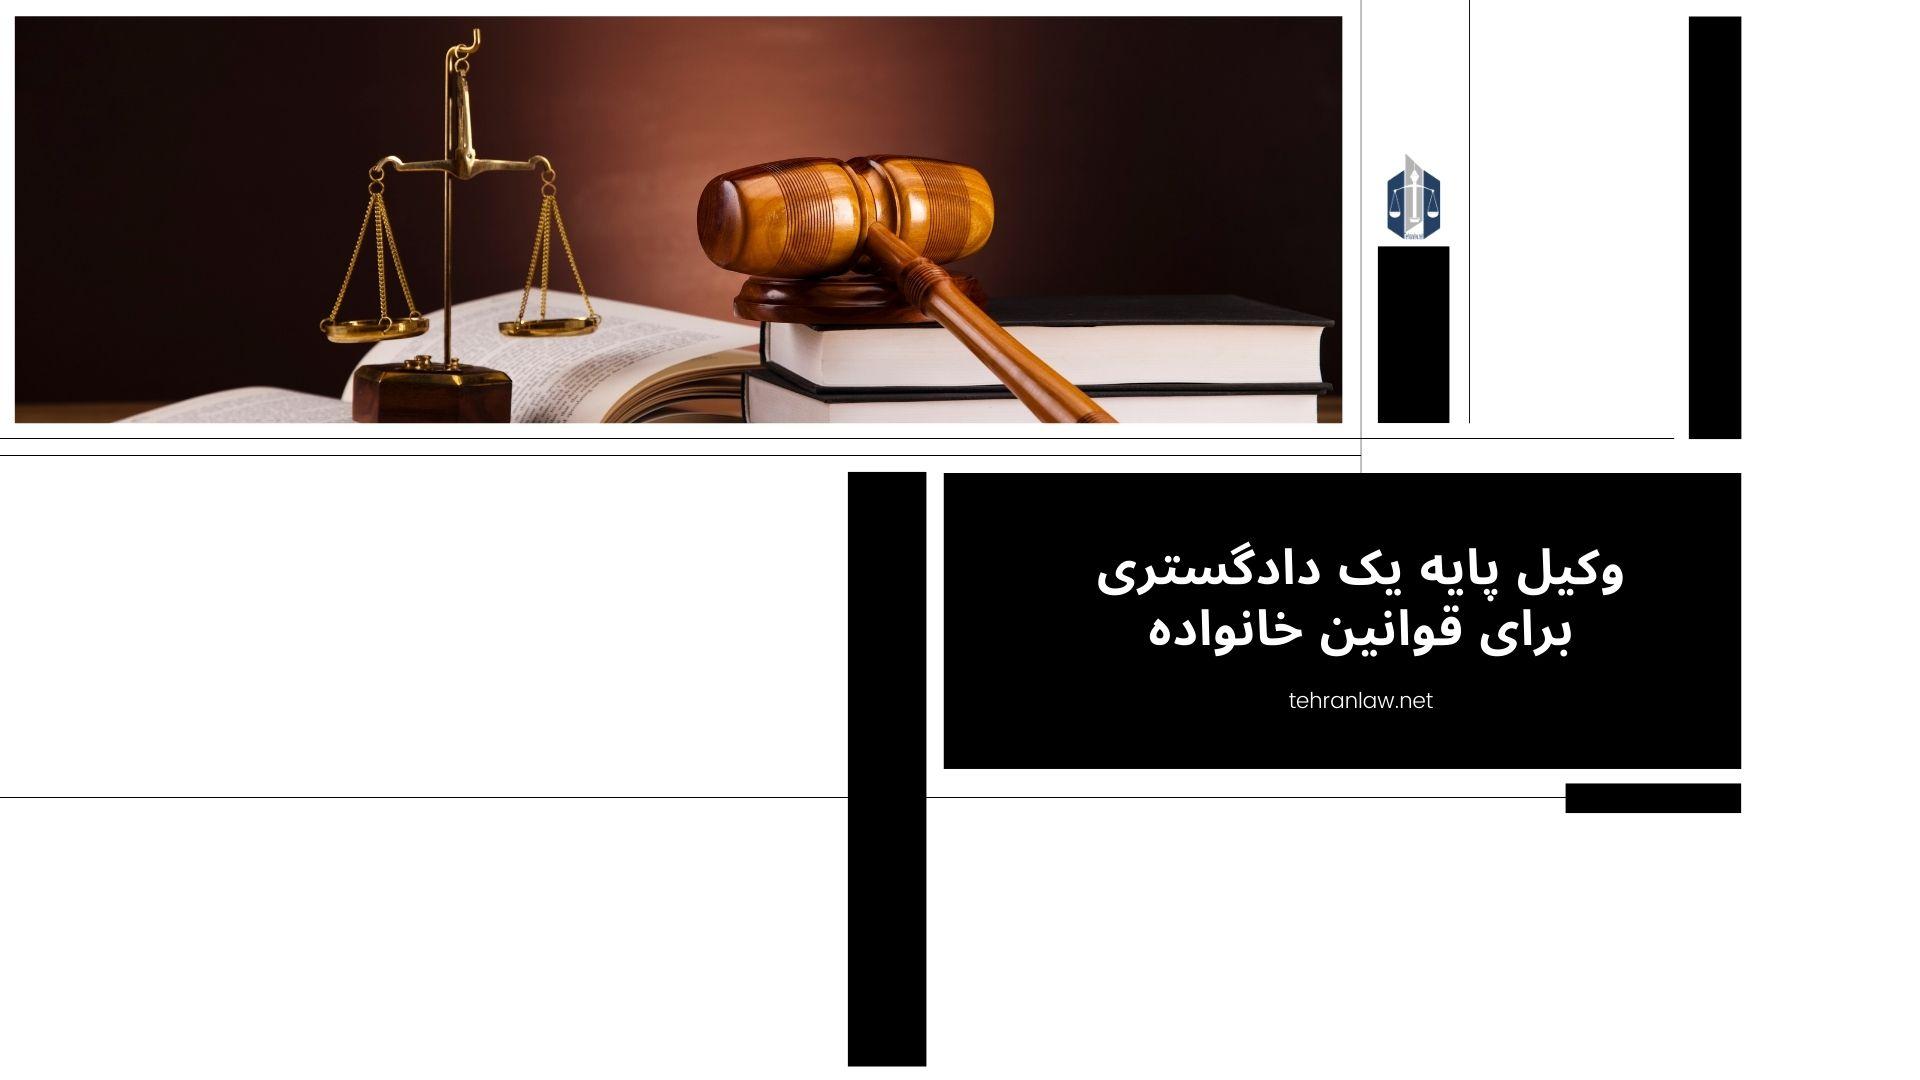 وکیل پایه یک دادگستری برای قوانین خانواده